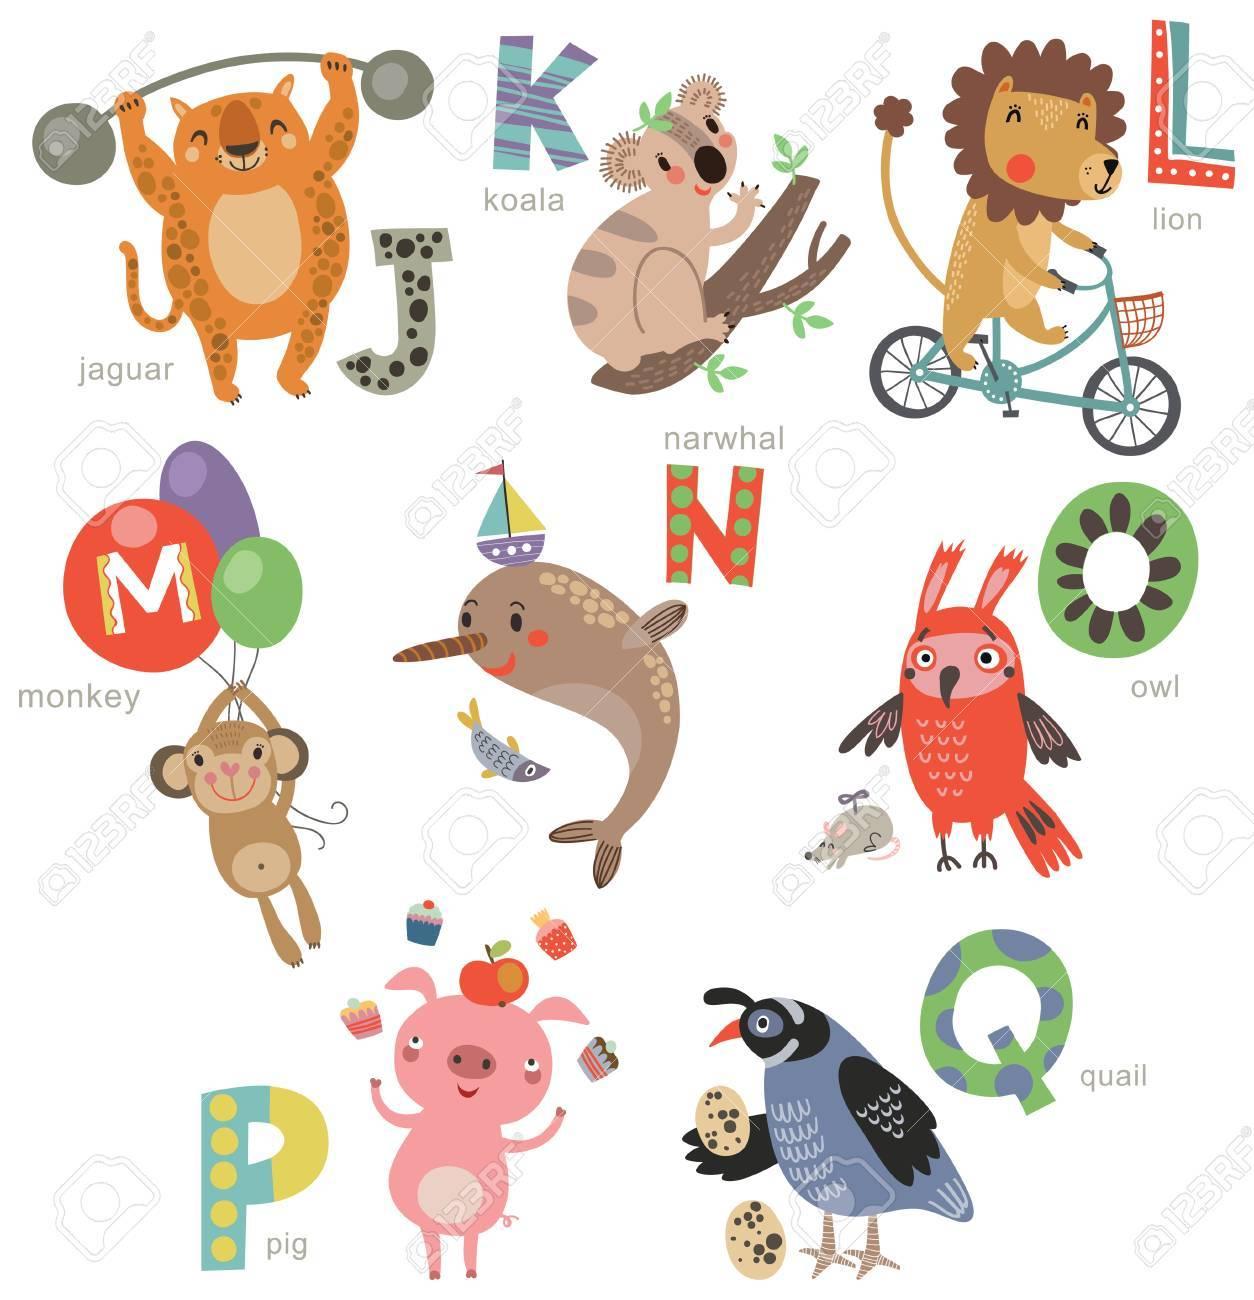 子供の動物園のアルファベット。文字やイラストのセットです。かわいい